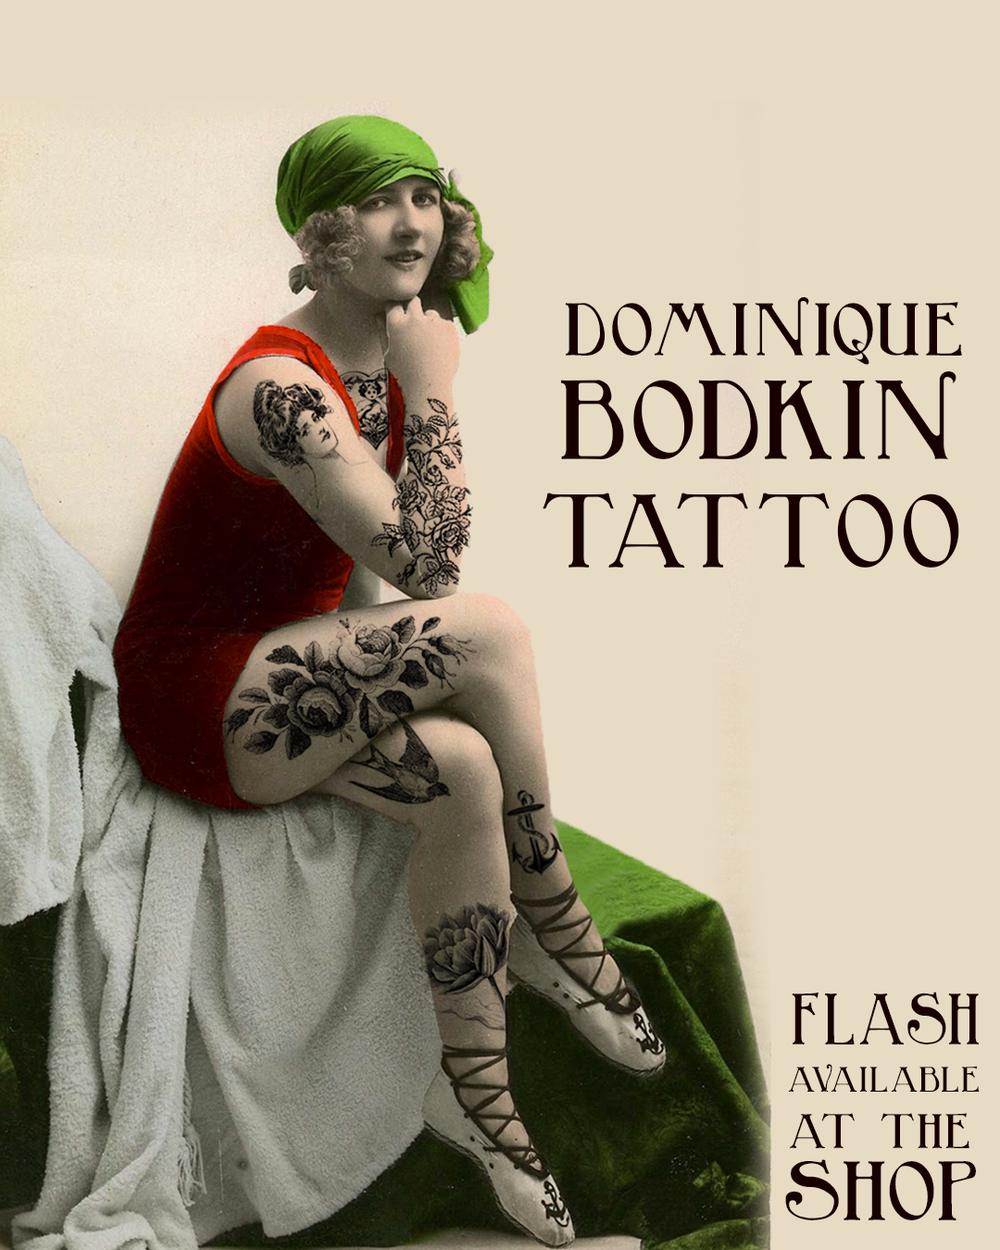 Publicité pour Bodkin, 2018